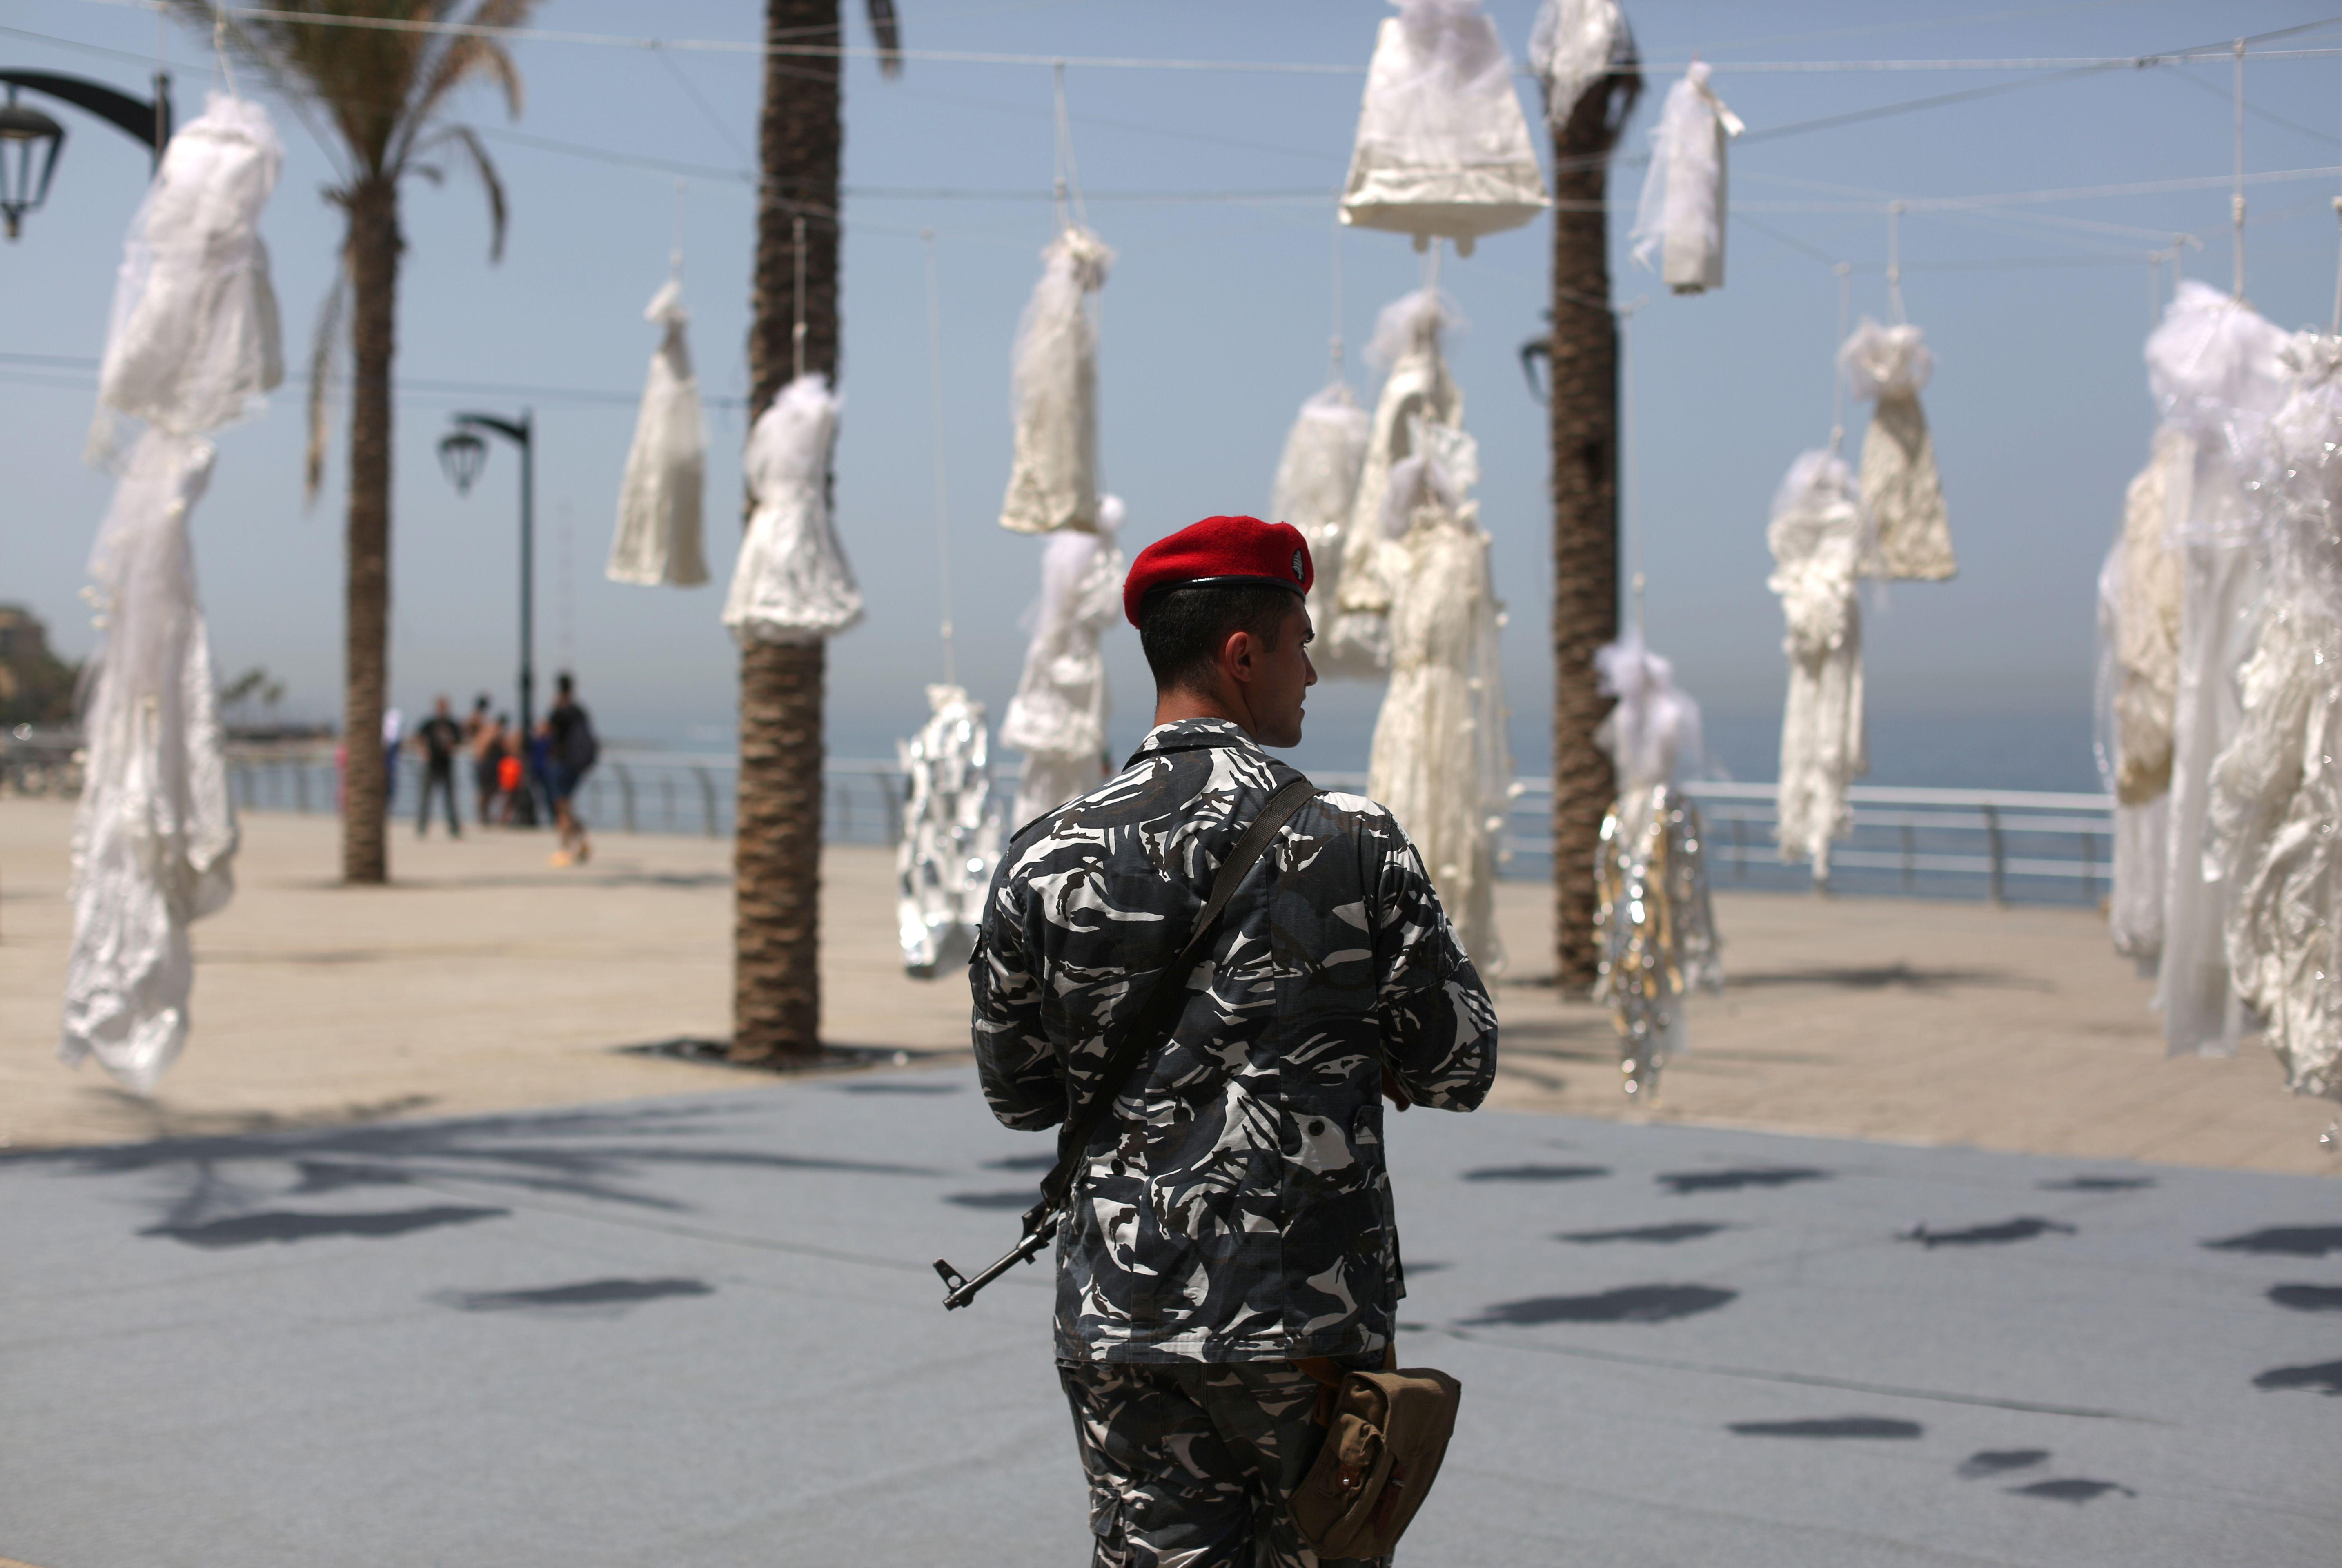 معرض رمزى للمطالبة بالغاء قانون يحمى المغتصب فى لبنان